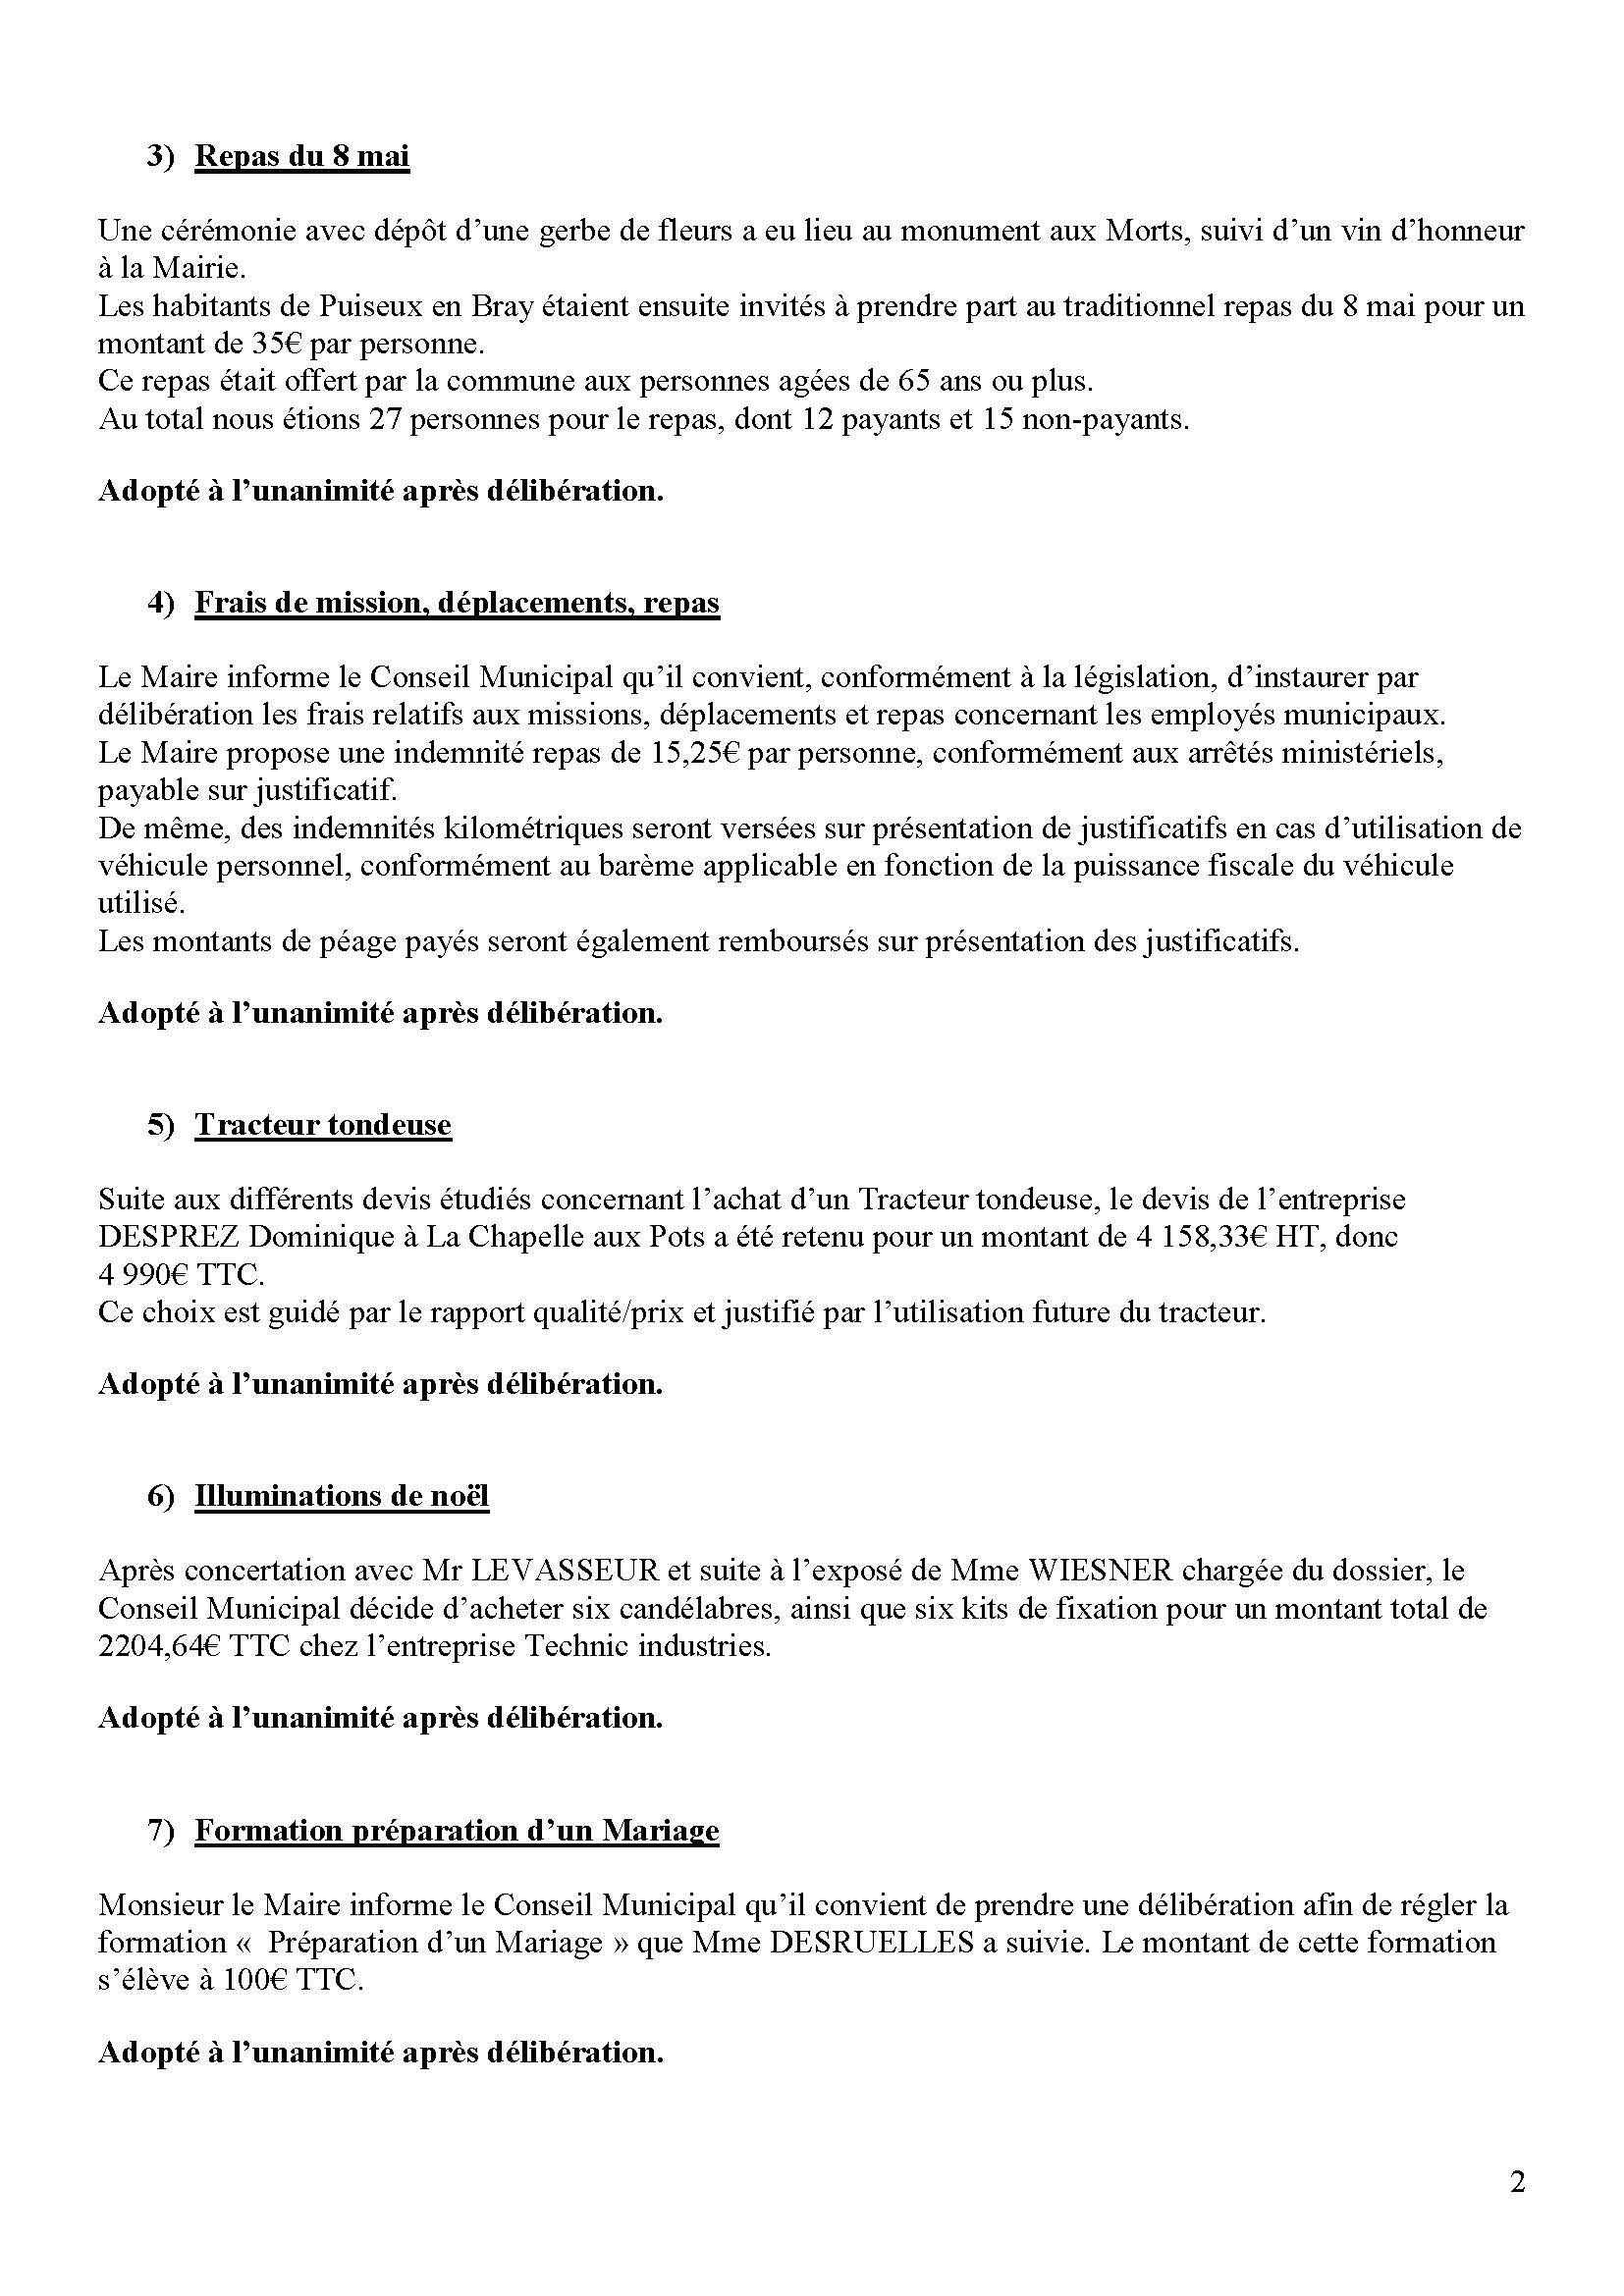 cr-du-20052016-page-2